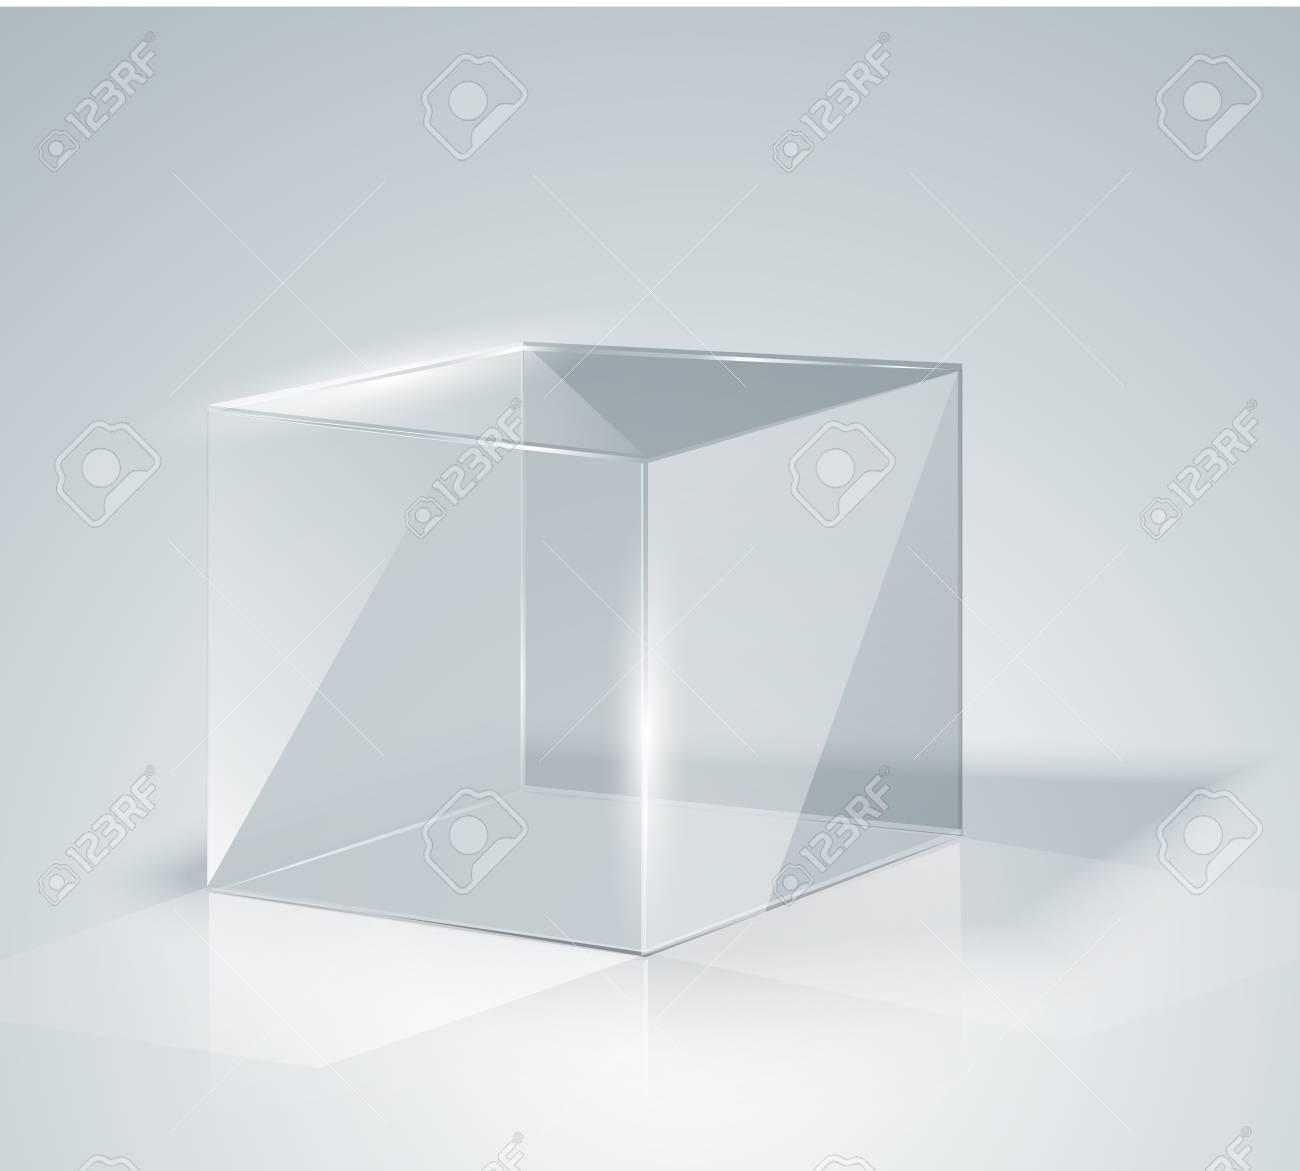 3d Glazen Kubus.Glazen Kubus Transparante Kubus Geisoleerd Sjabloonglas Tentoonstelling Presentatie Van Een Nieuw Product Realistisch 3d Ontwerp Vector